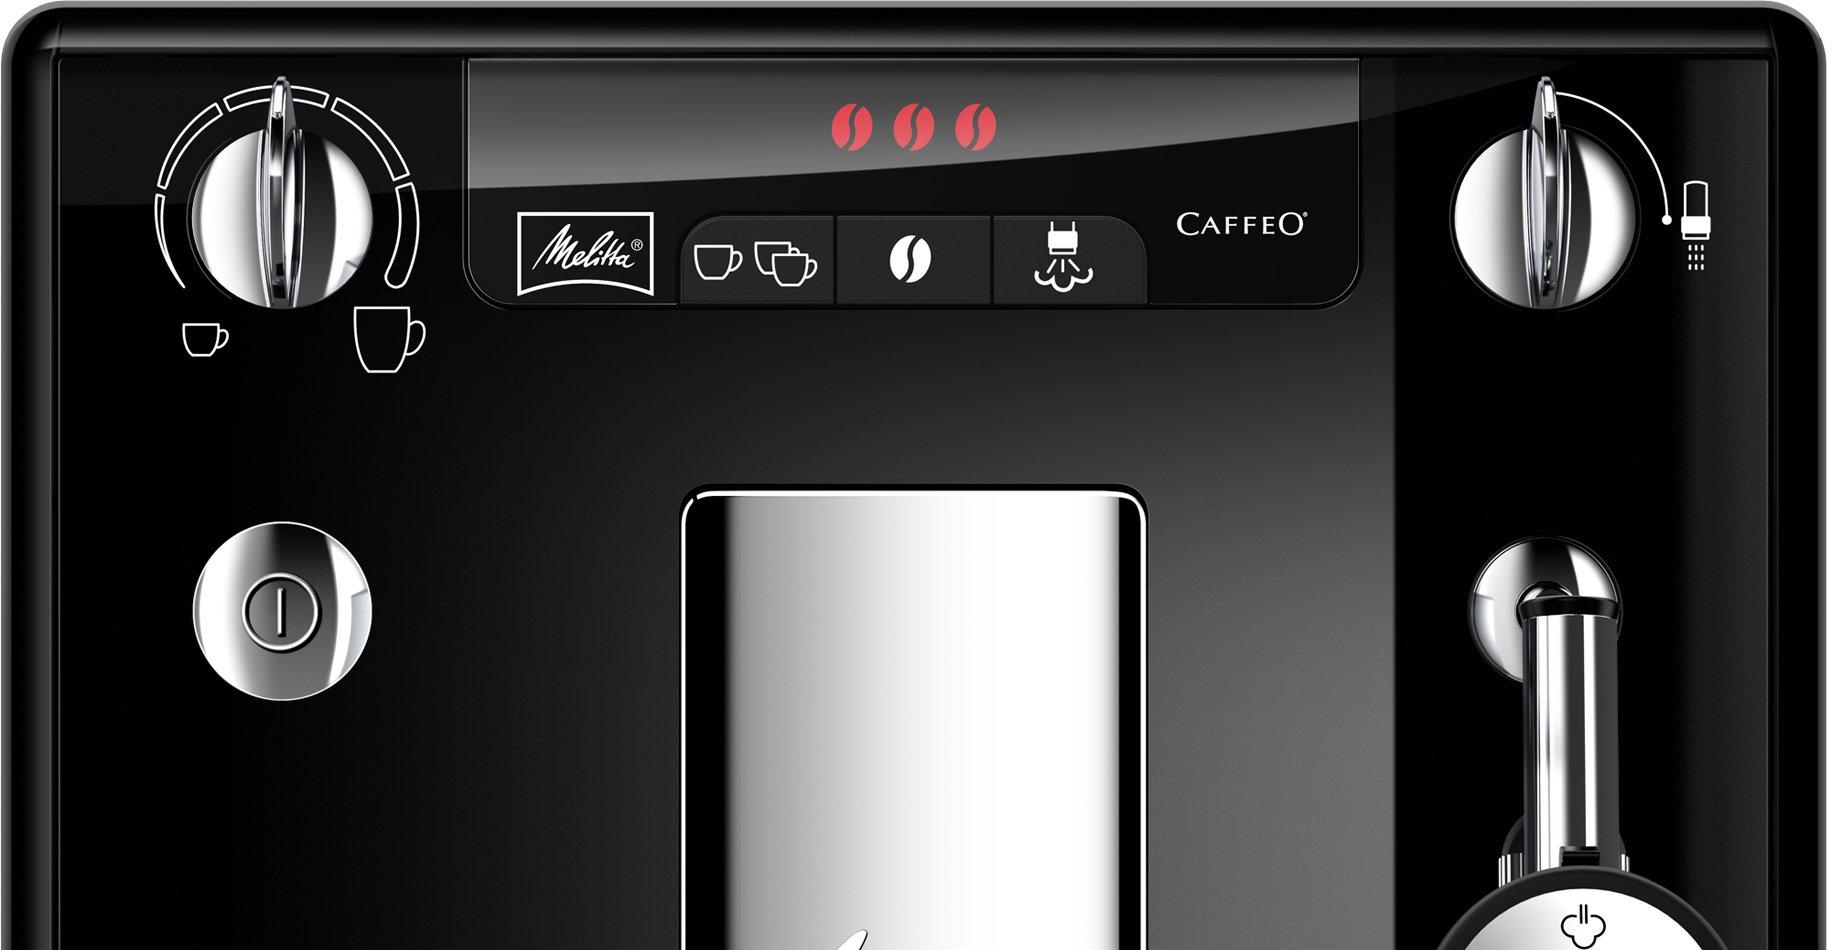 Melitta-Caffeo-Solo-Perfect-Milk-Schlanker-Kaffeevollautomat-mit-Auto-Cappuccinatore